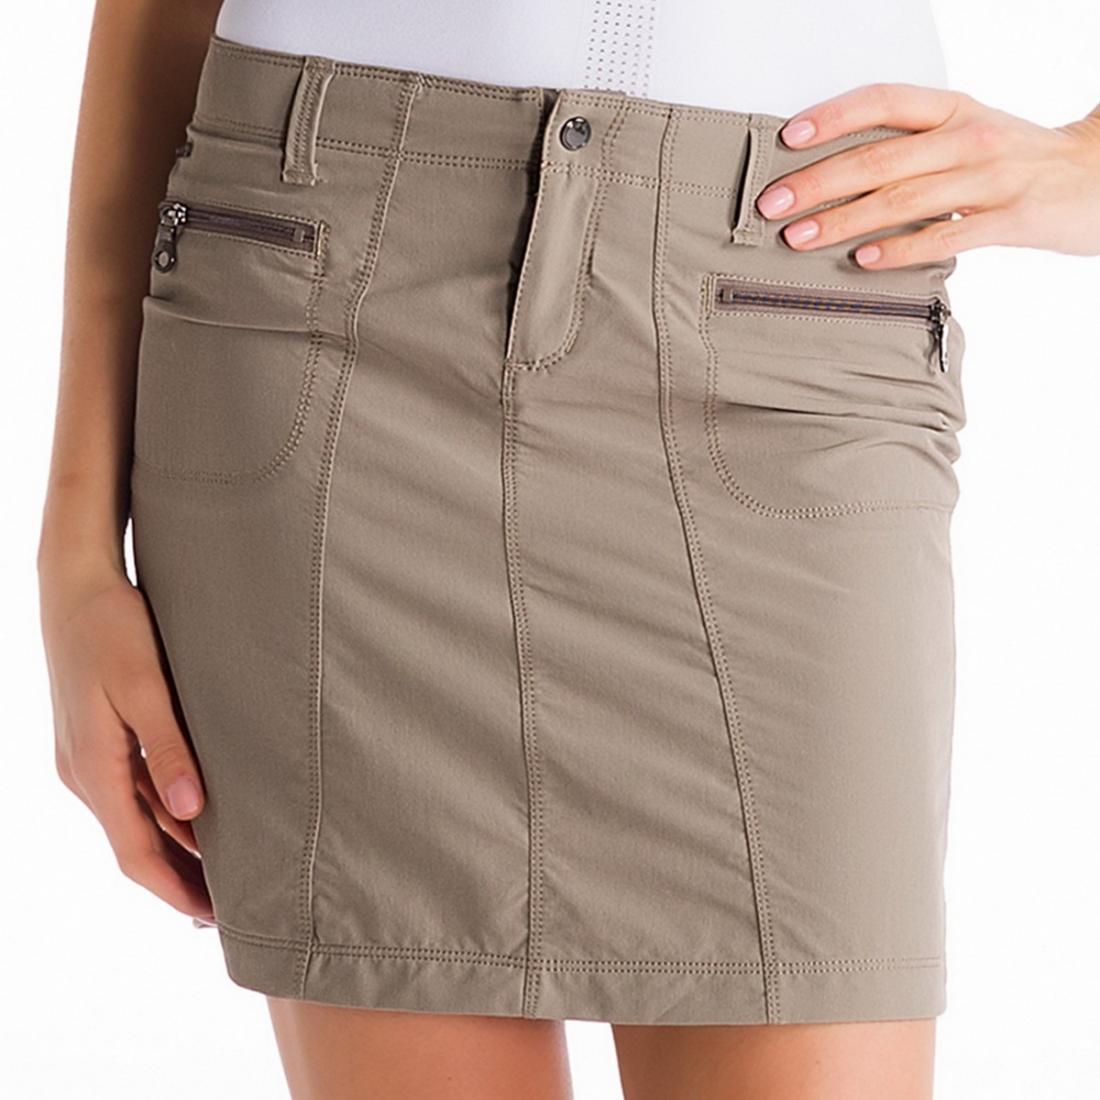 Юбка LSW1015 MILAN SKIRTЮбки<br><br> Строгий крой и элегантность юбки Lole Milan Skirt  LSW1015 отлично сочетаются с ее практичностью и функциональностью. Она выполнена из прочной износостойкой немнущейся ткани с великолепными дышащими и впитывающими свойствами, что делает ее идеальны...<br><br>Цвет: Серый<br>Размер: 4